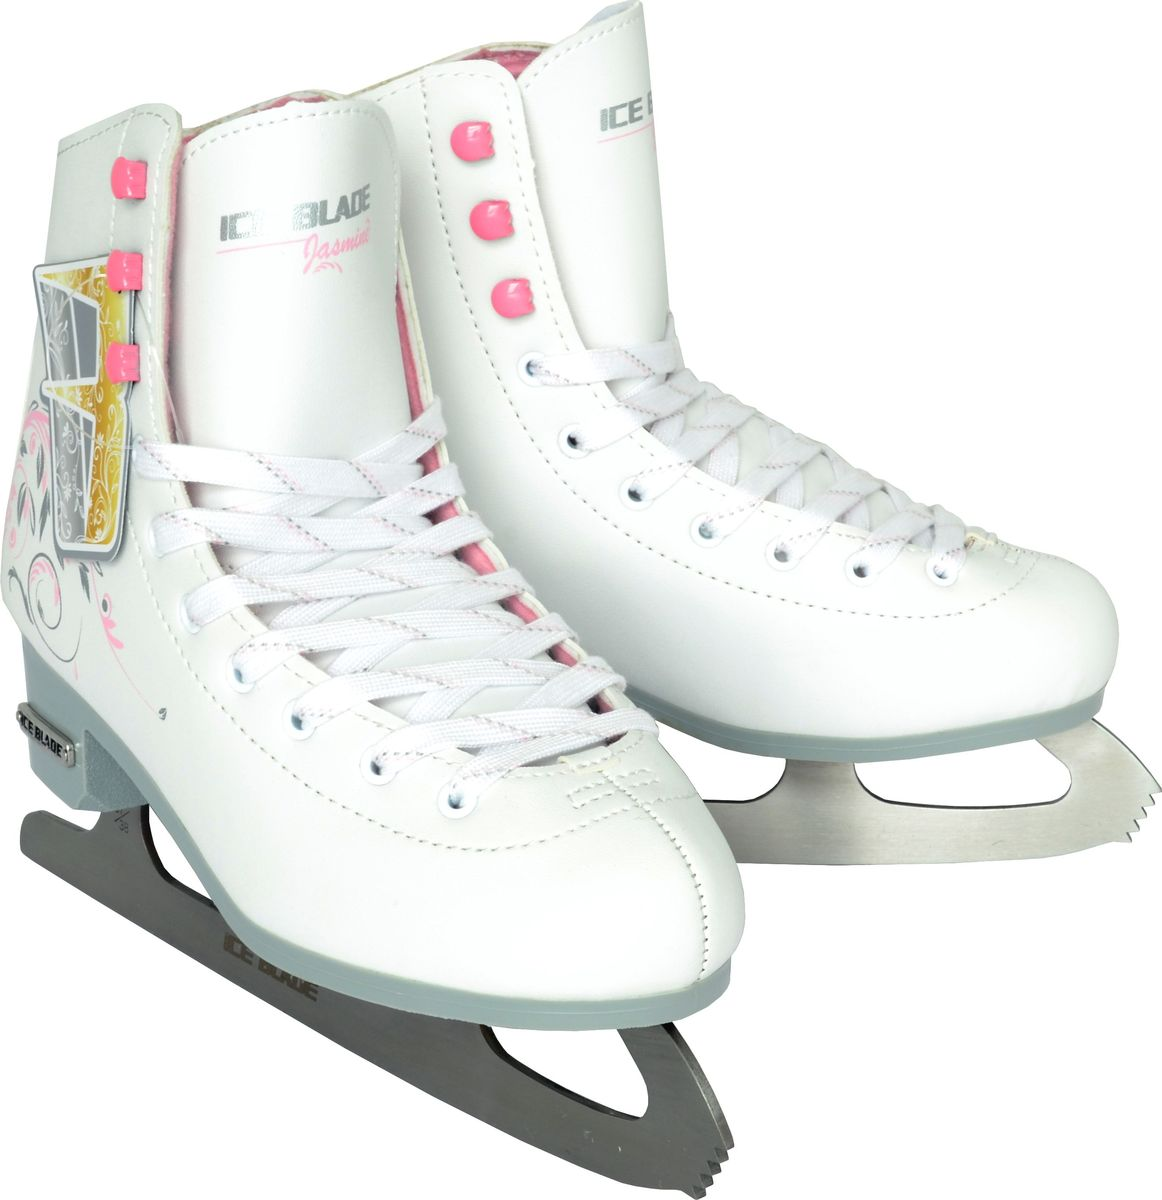 """Фото Коньки фигурные женские Ice Blade """"Jasmine"""", цвет: белый. Размер 38"""